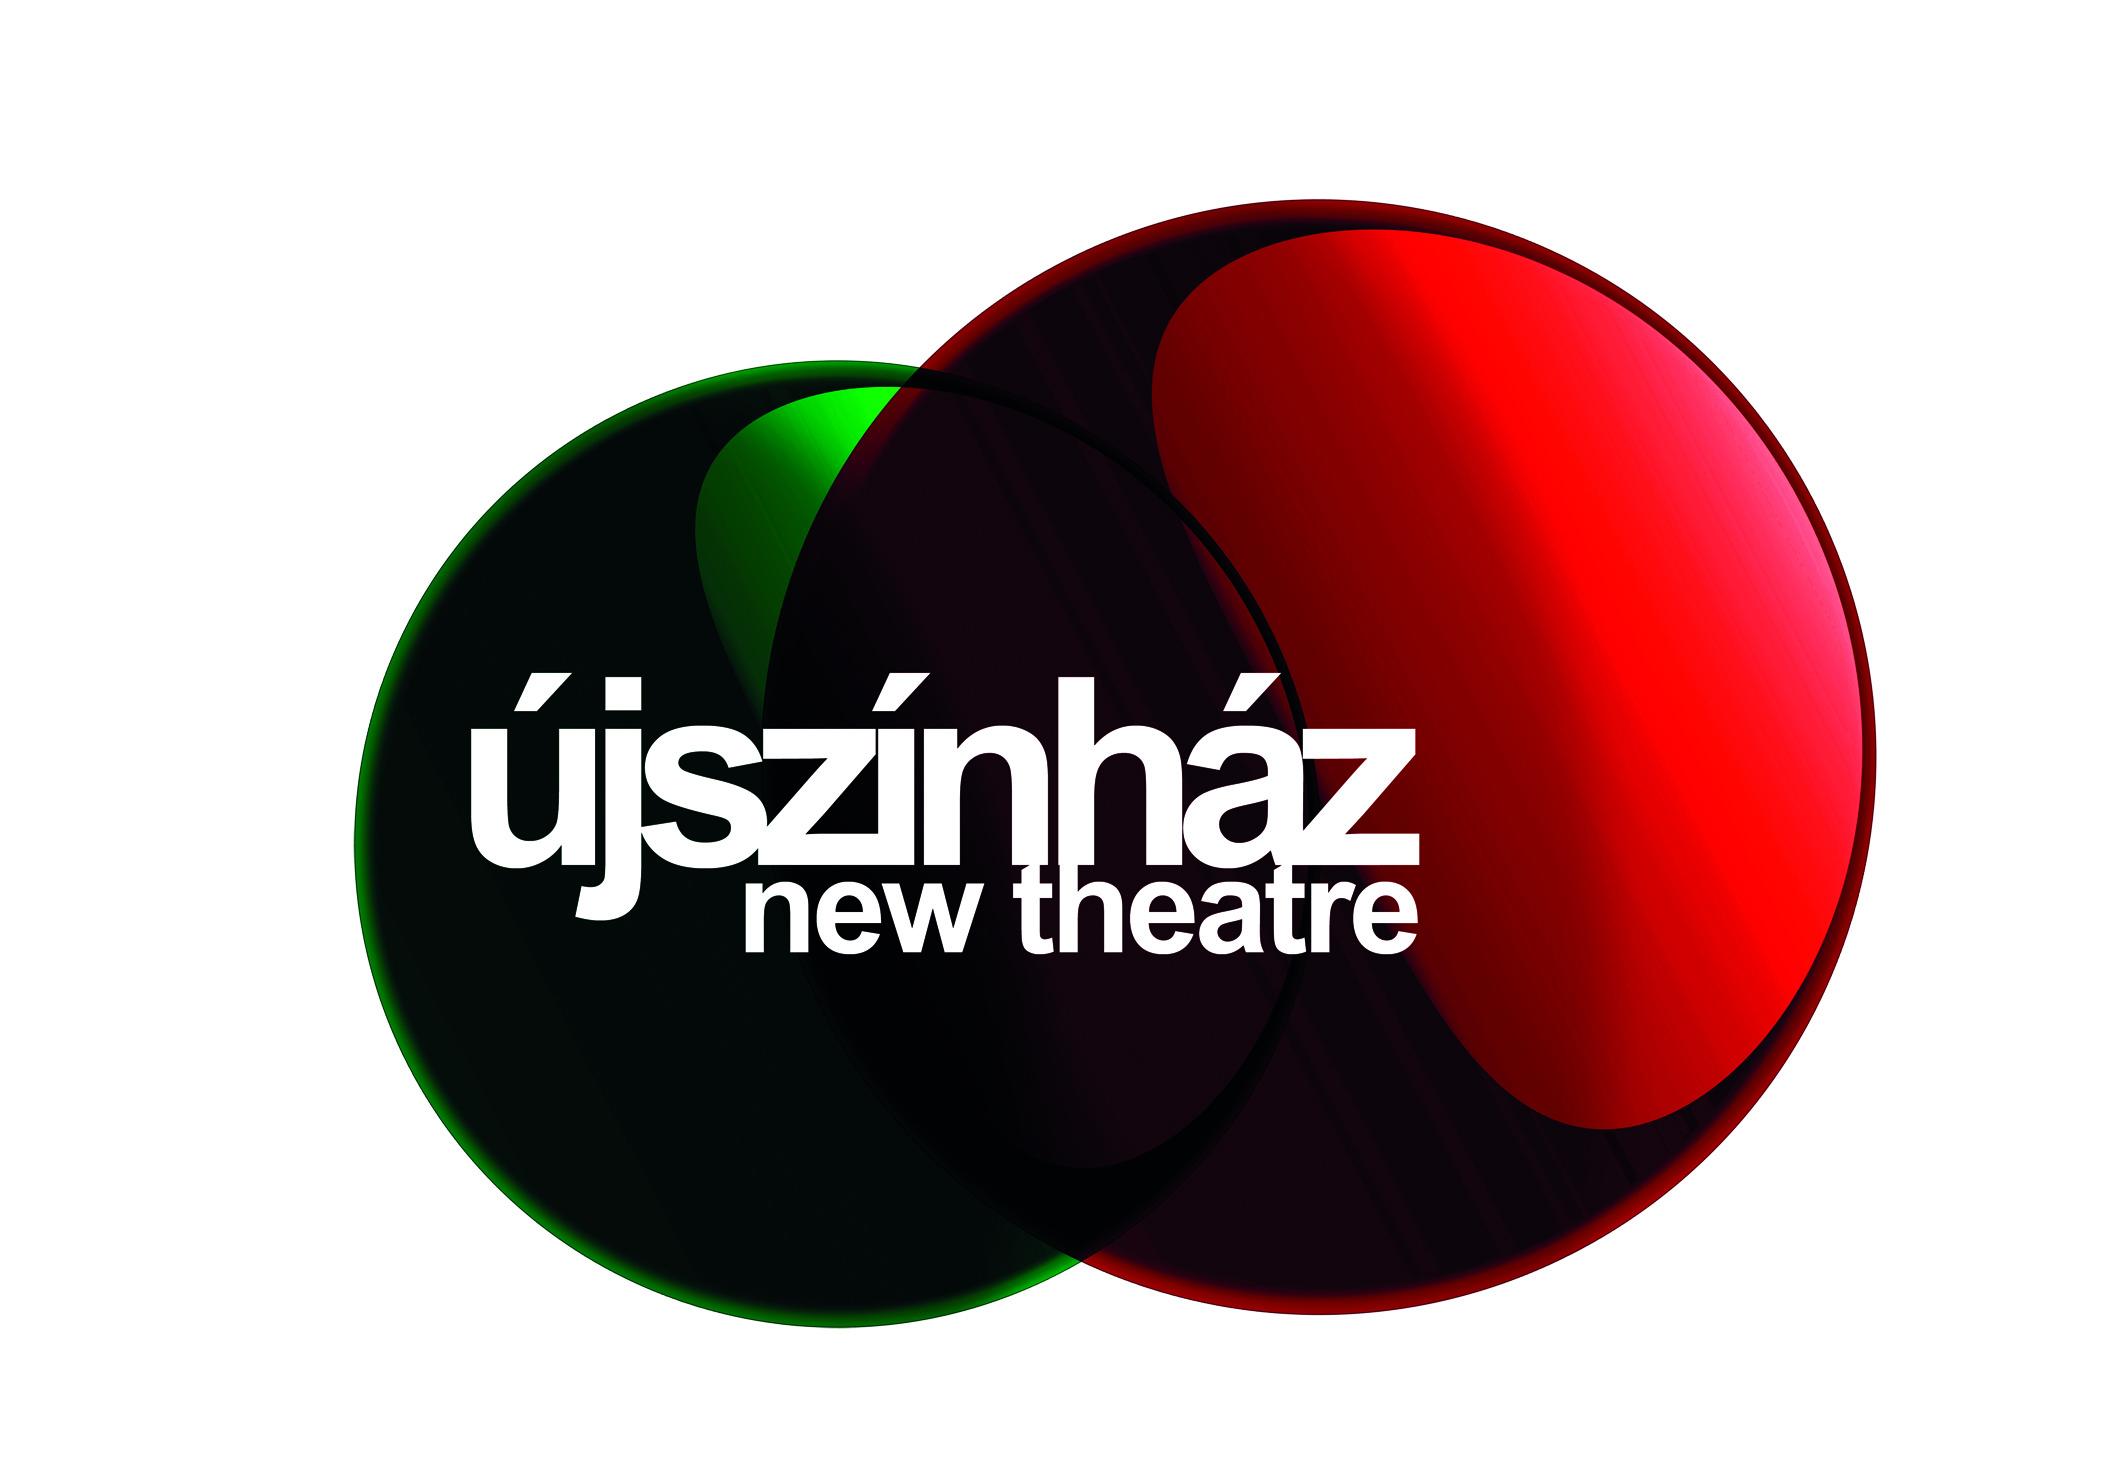 Új Színház_logo